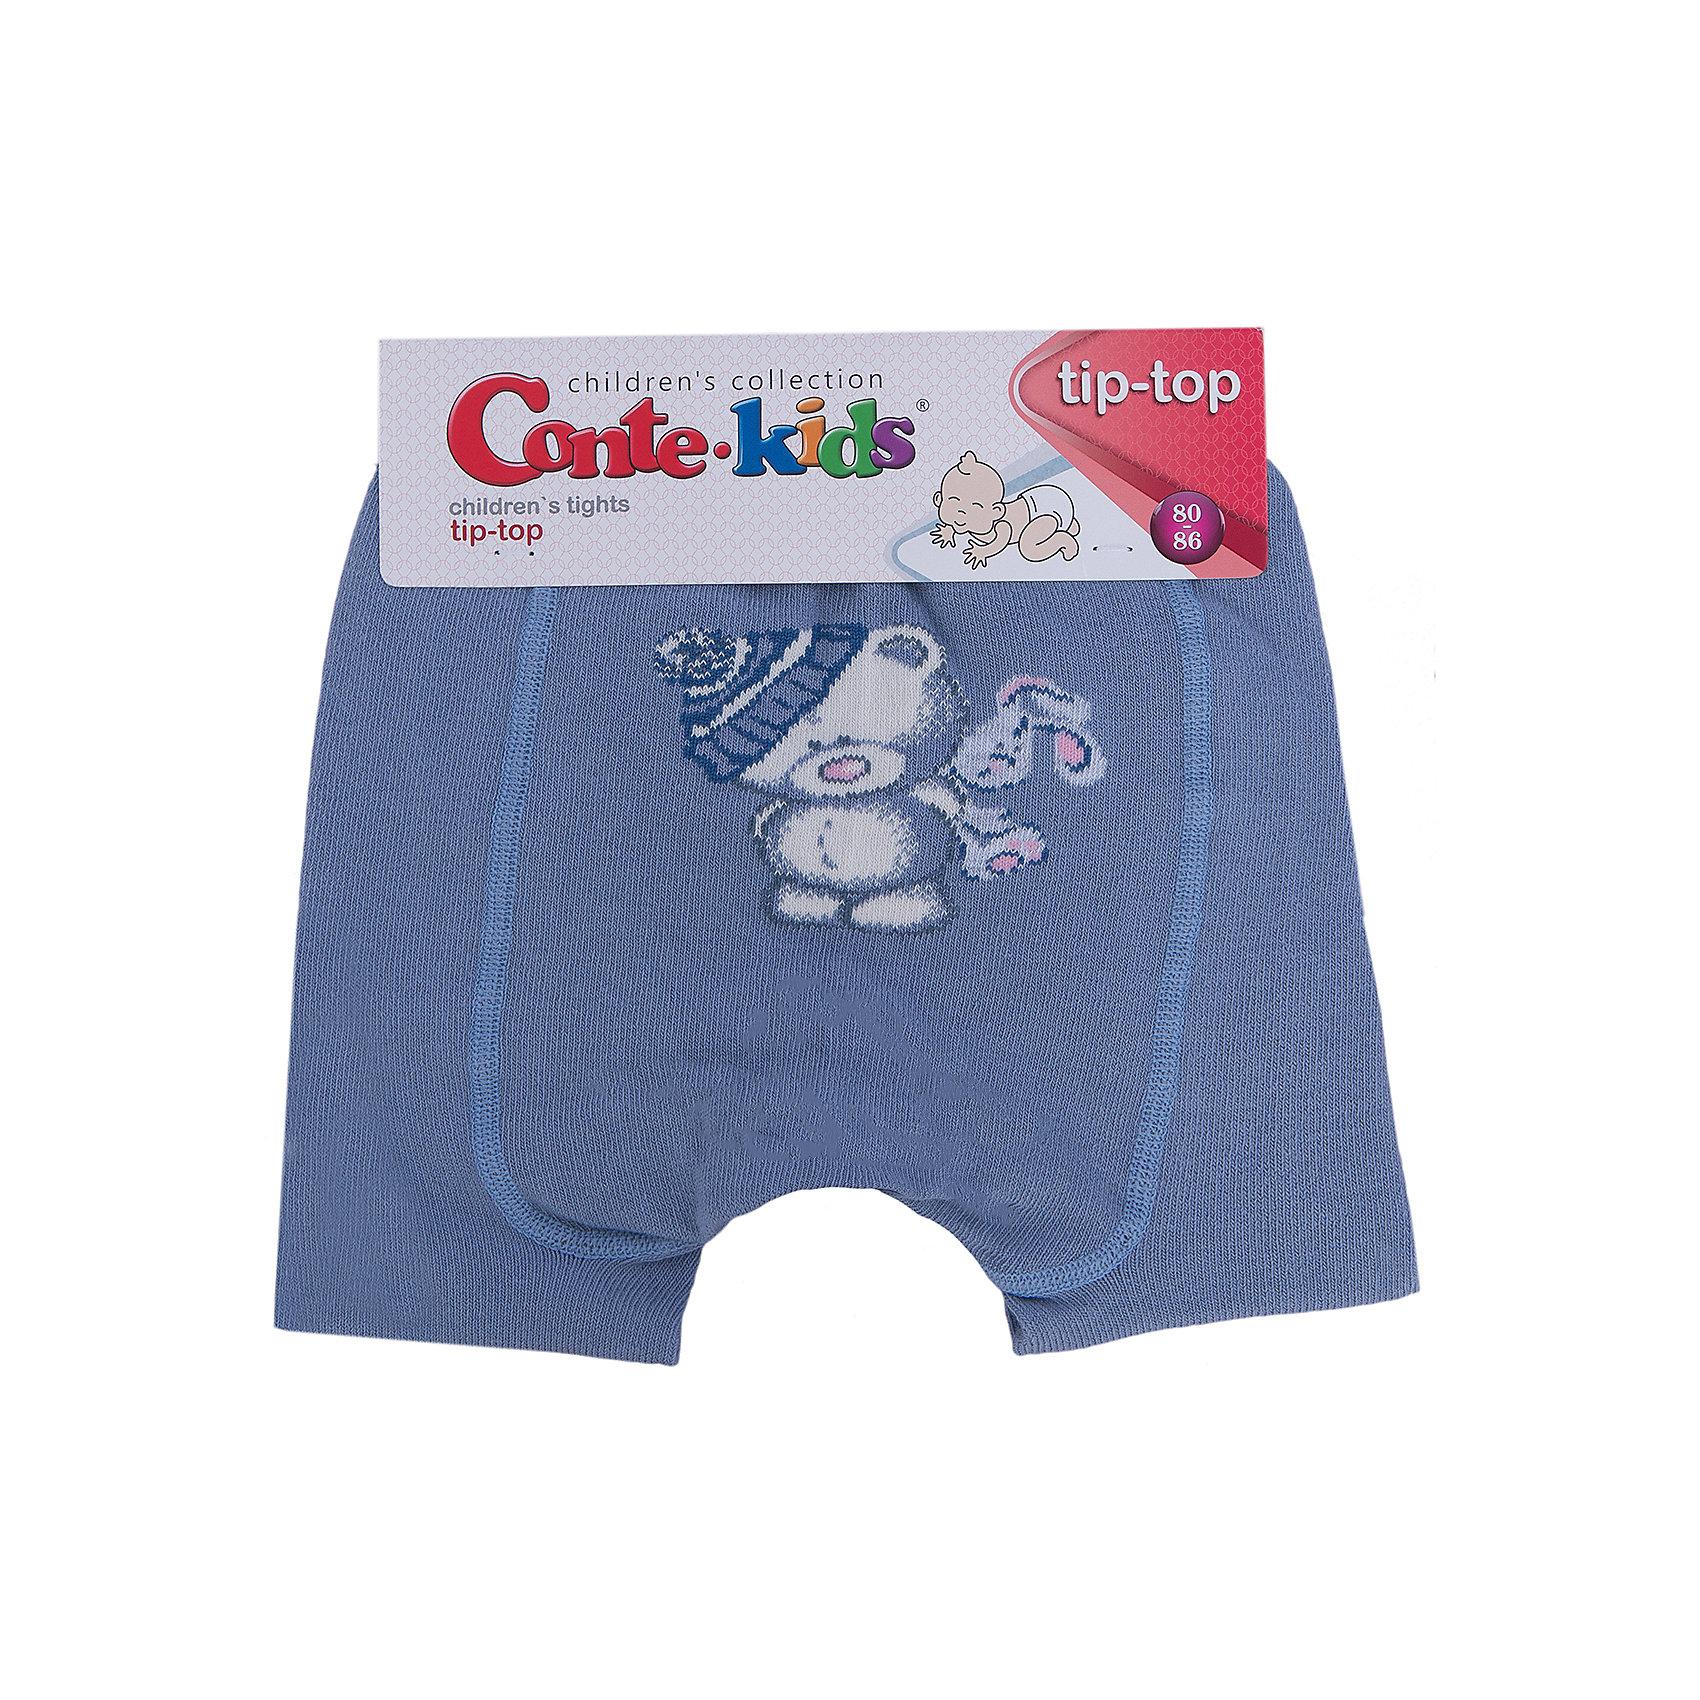 Колготки  Conte-kidsКолготки<br>Колготки для детей известной марки Conte-kids.<br>- Мягкие, эластичные, удобные и практичные.<br>-  С необычным рисунком.<br>- Для девочек и мальчиков.<br>- На ножках колготок разные рисунки. <br>- От белорусского производителя.<br><br>Состав: 72% - хлопок, 25,5% - полиамид, 2,5% - эластан.<br><br>Ширина мм: 123<br>Глубина мм: 10<br>Высота мм: 149<br>Вес г: 209<br>Цвет: синий<br>Возраст от месяцев: 3<br>Возраст до месяцев: 9<br>Пол: Унисекс<br>Возраст: Детский<br>Размер: 62/74,80/86<br>SKU: 4824393